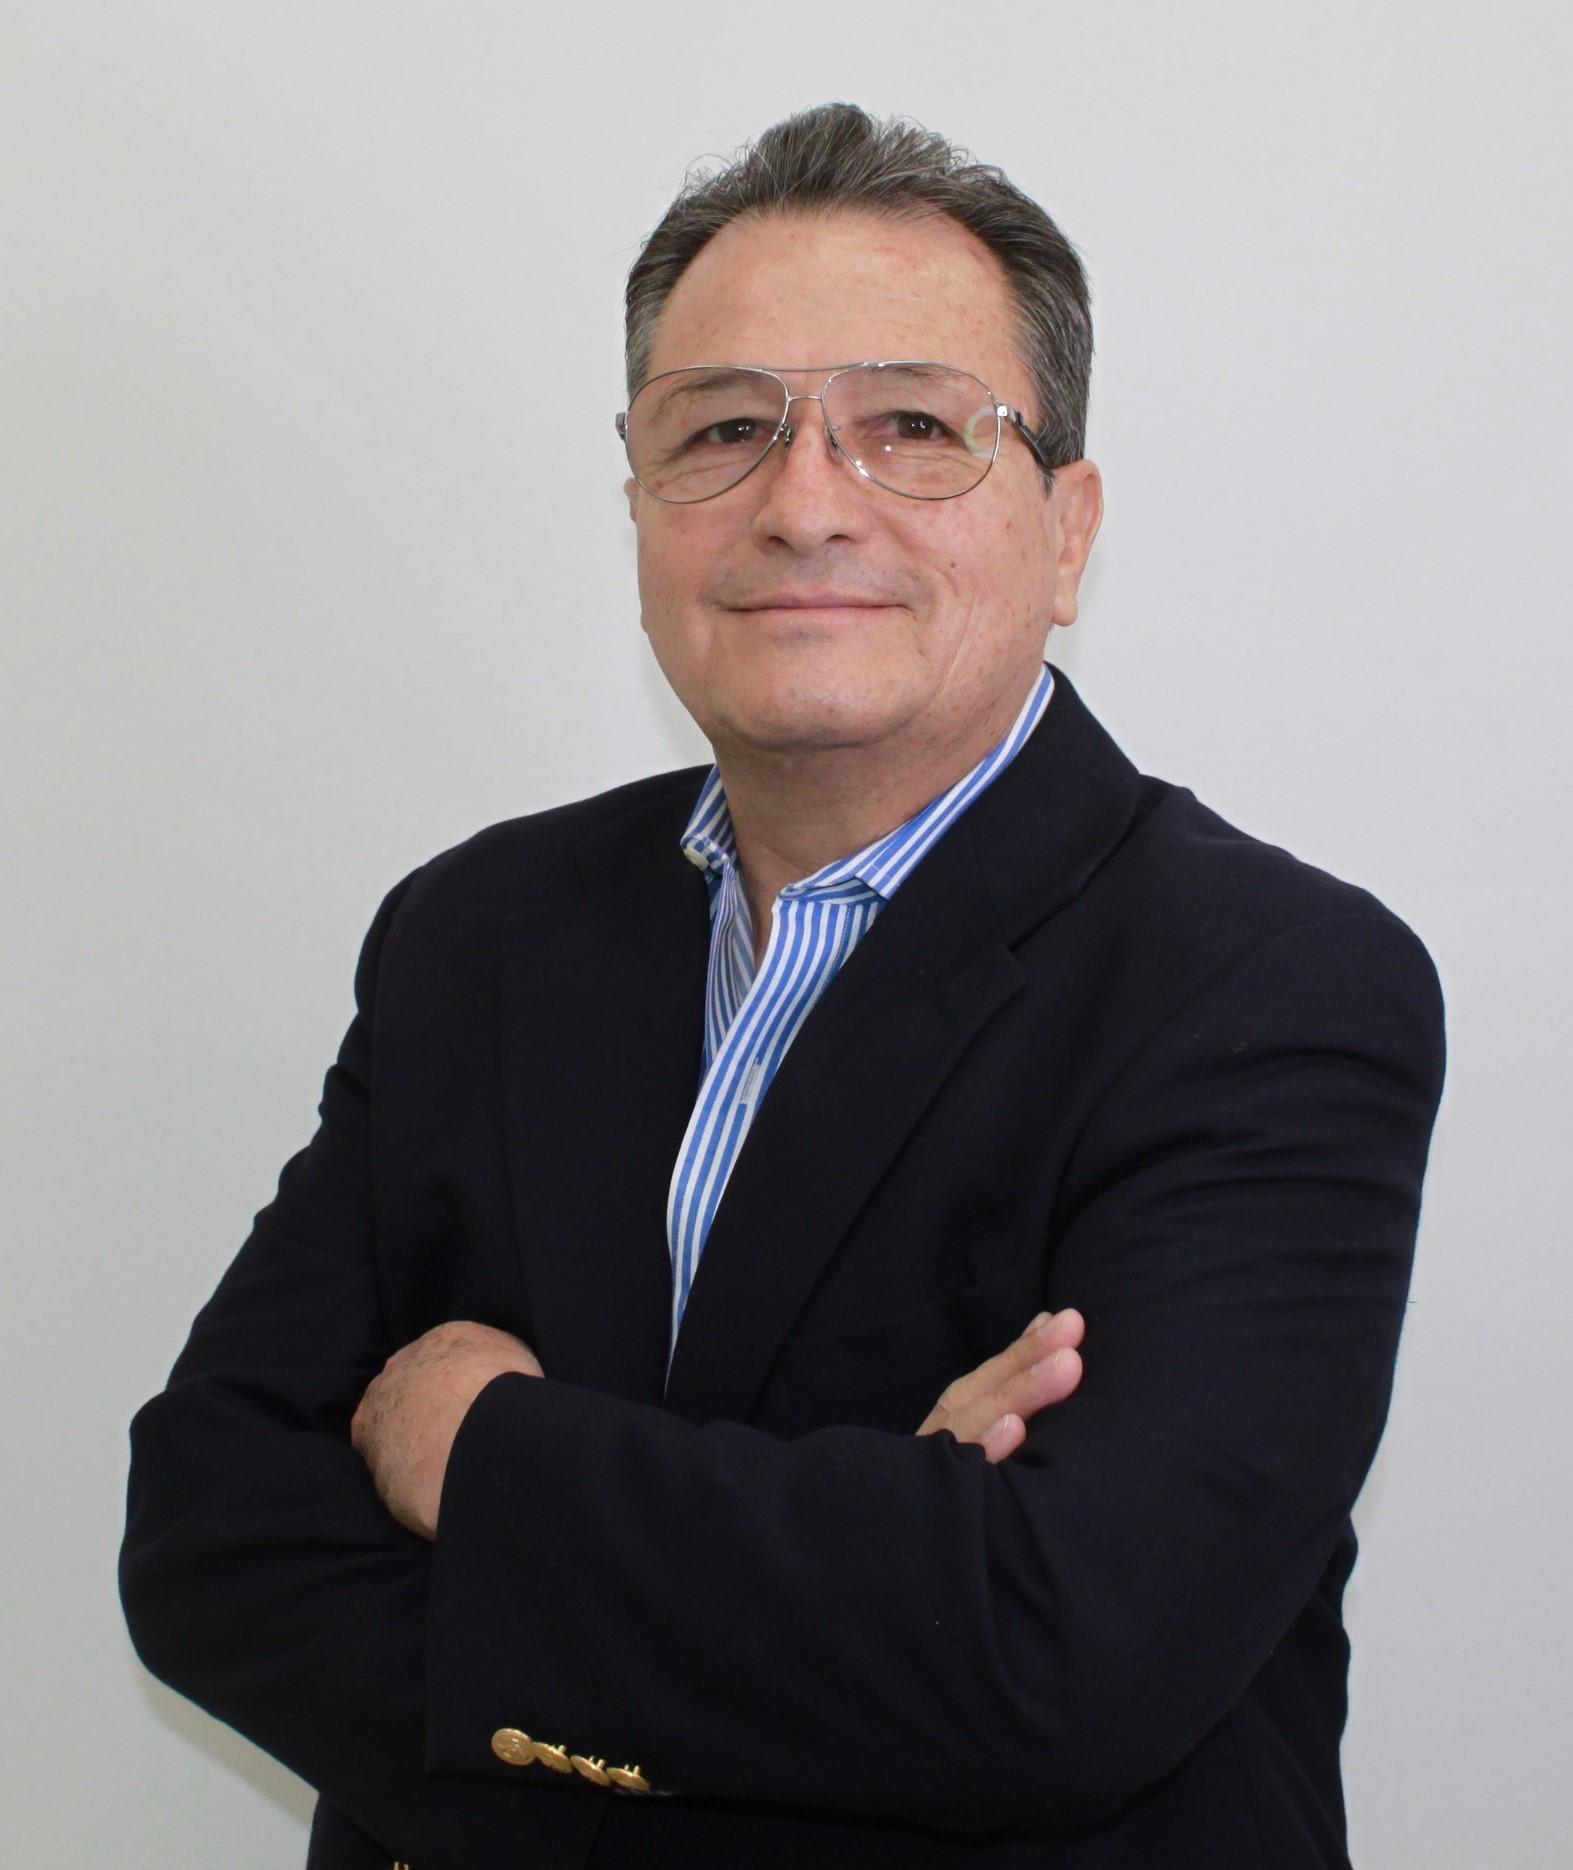 Juan Ampudia